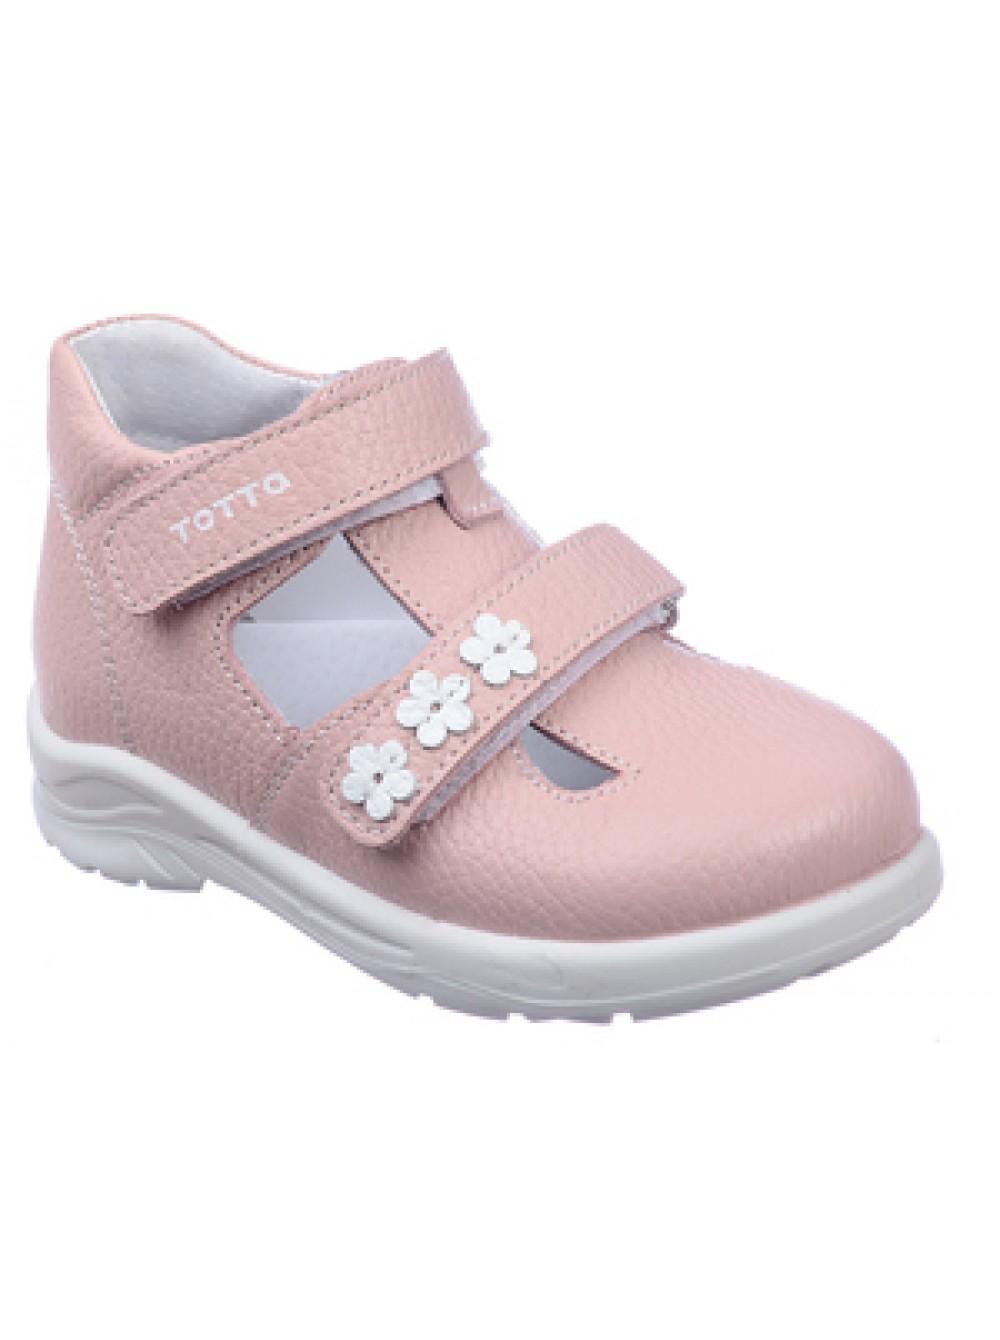 Туфли открытые ТОТТА 0228-КП 817 пудра (23-26)